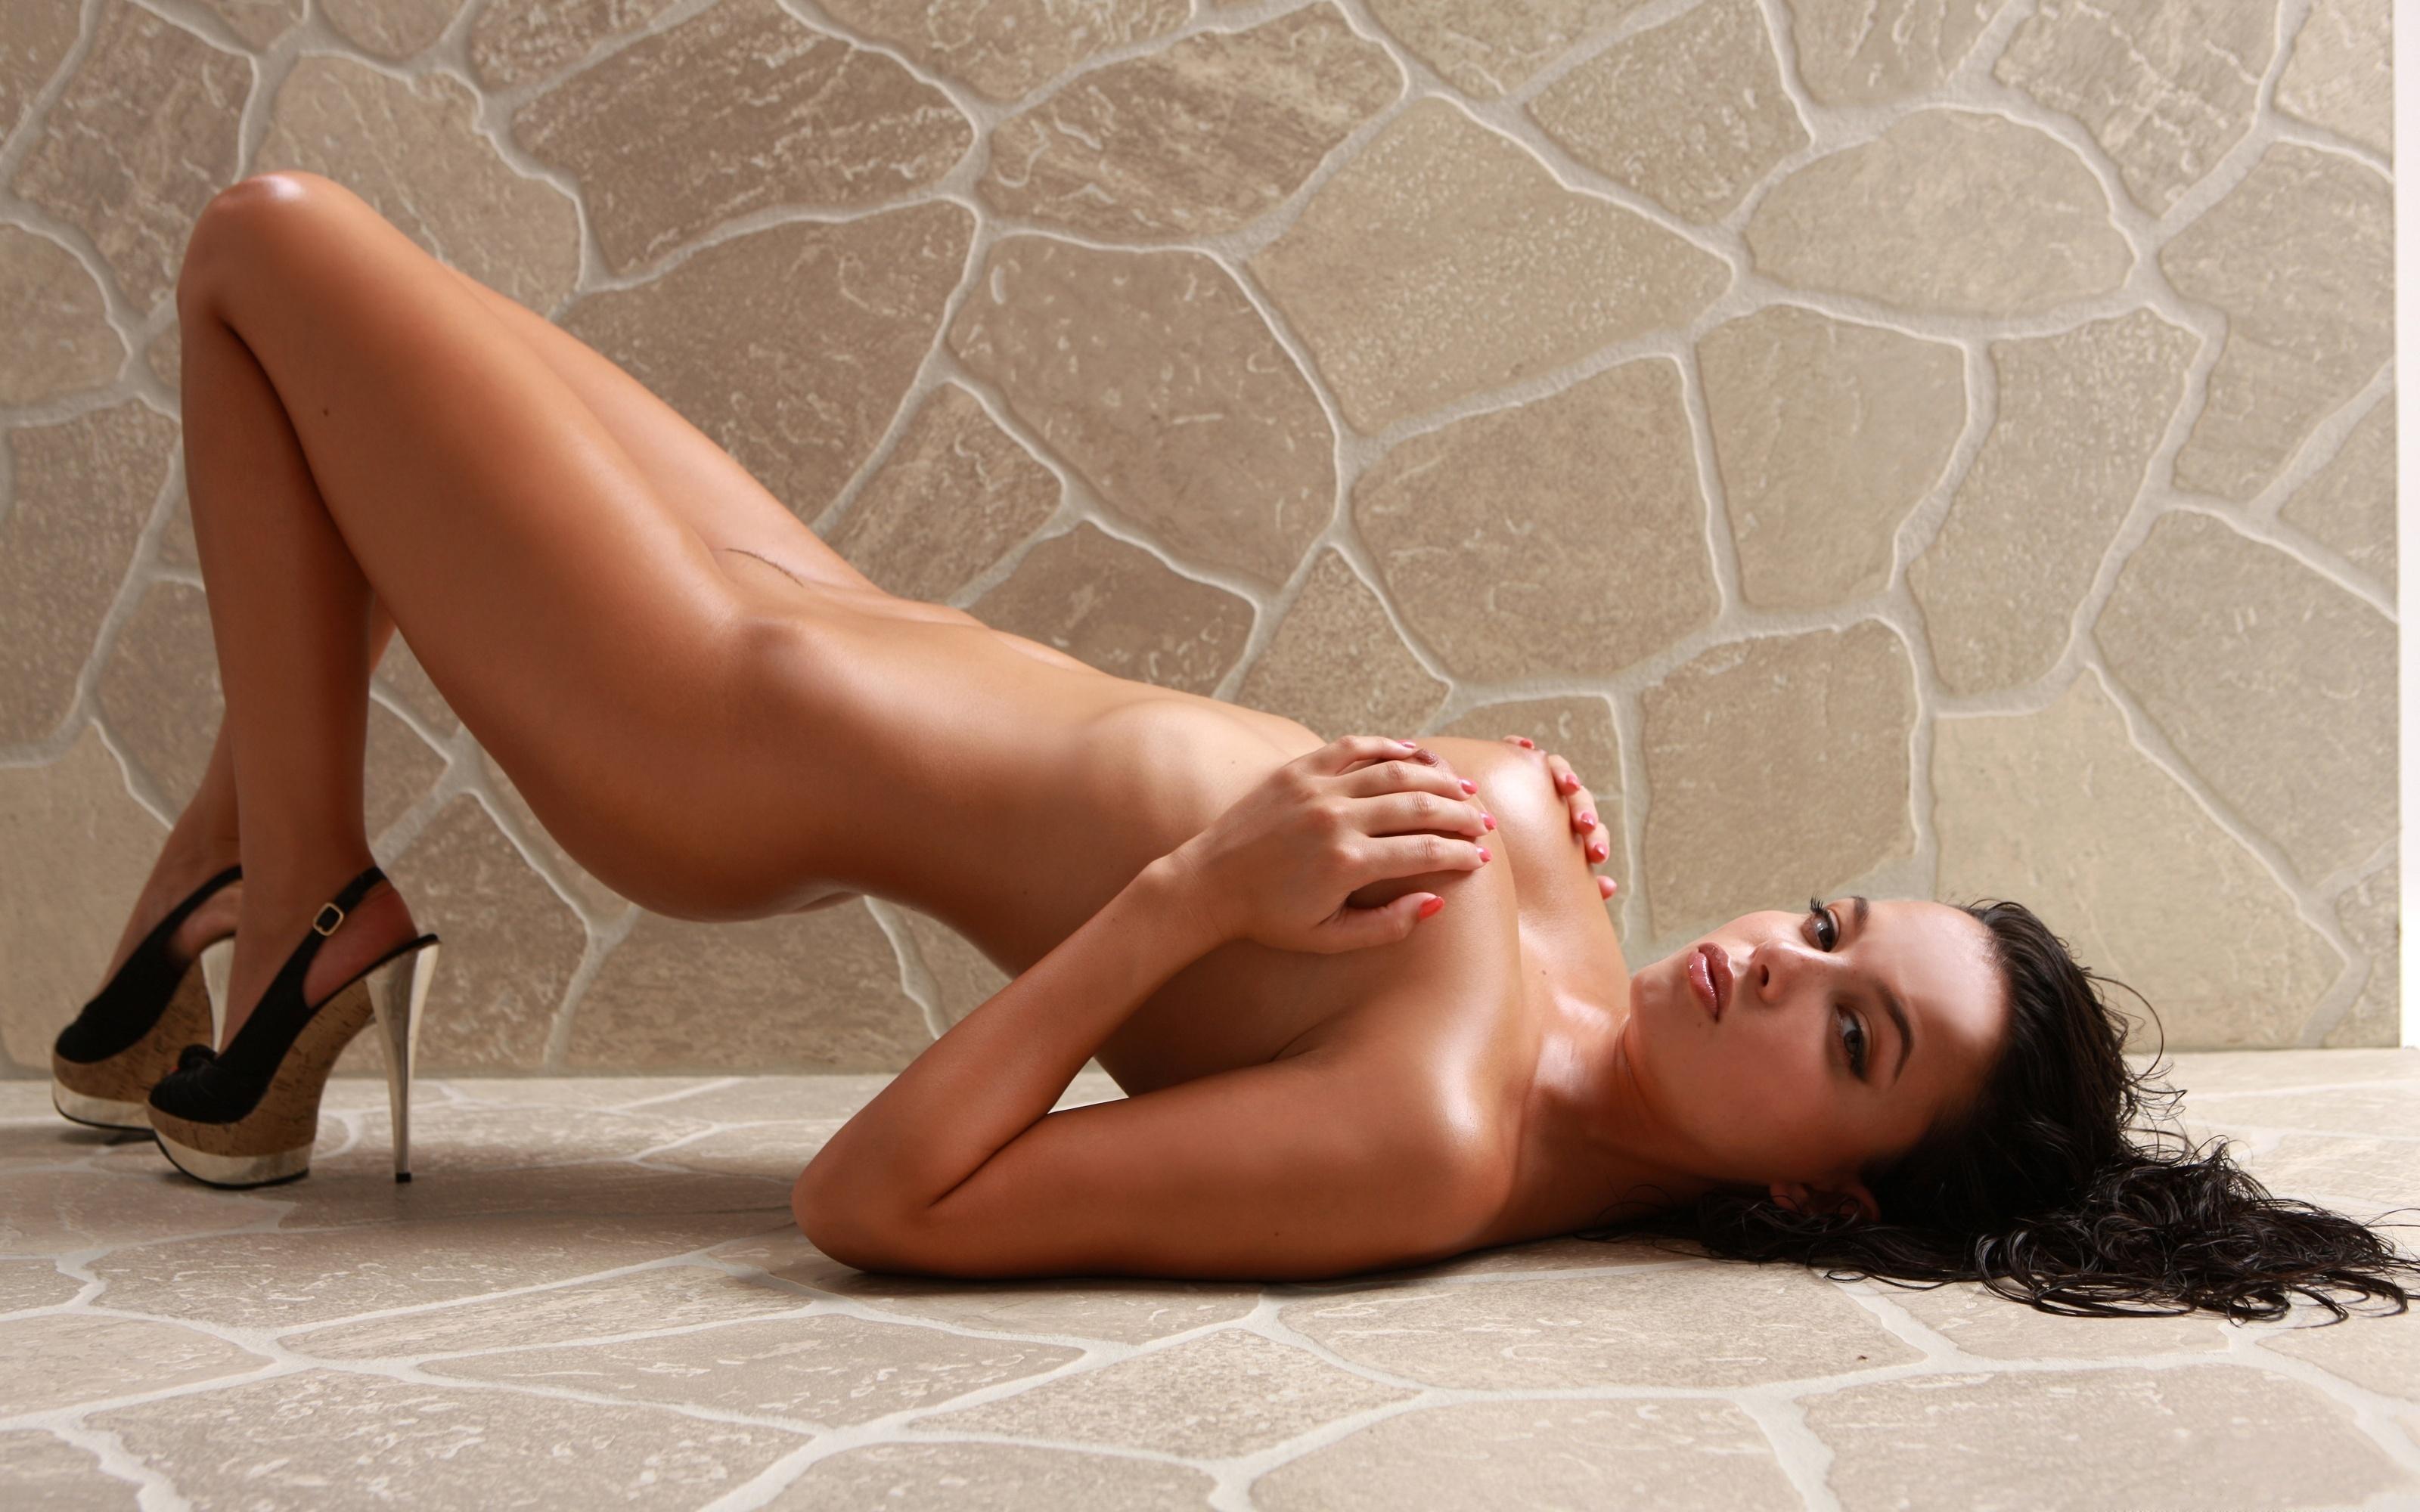 Wallpaper Sasha Cane, Sexy, Hot, Naked, Navel, Heels -1776